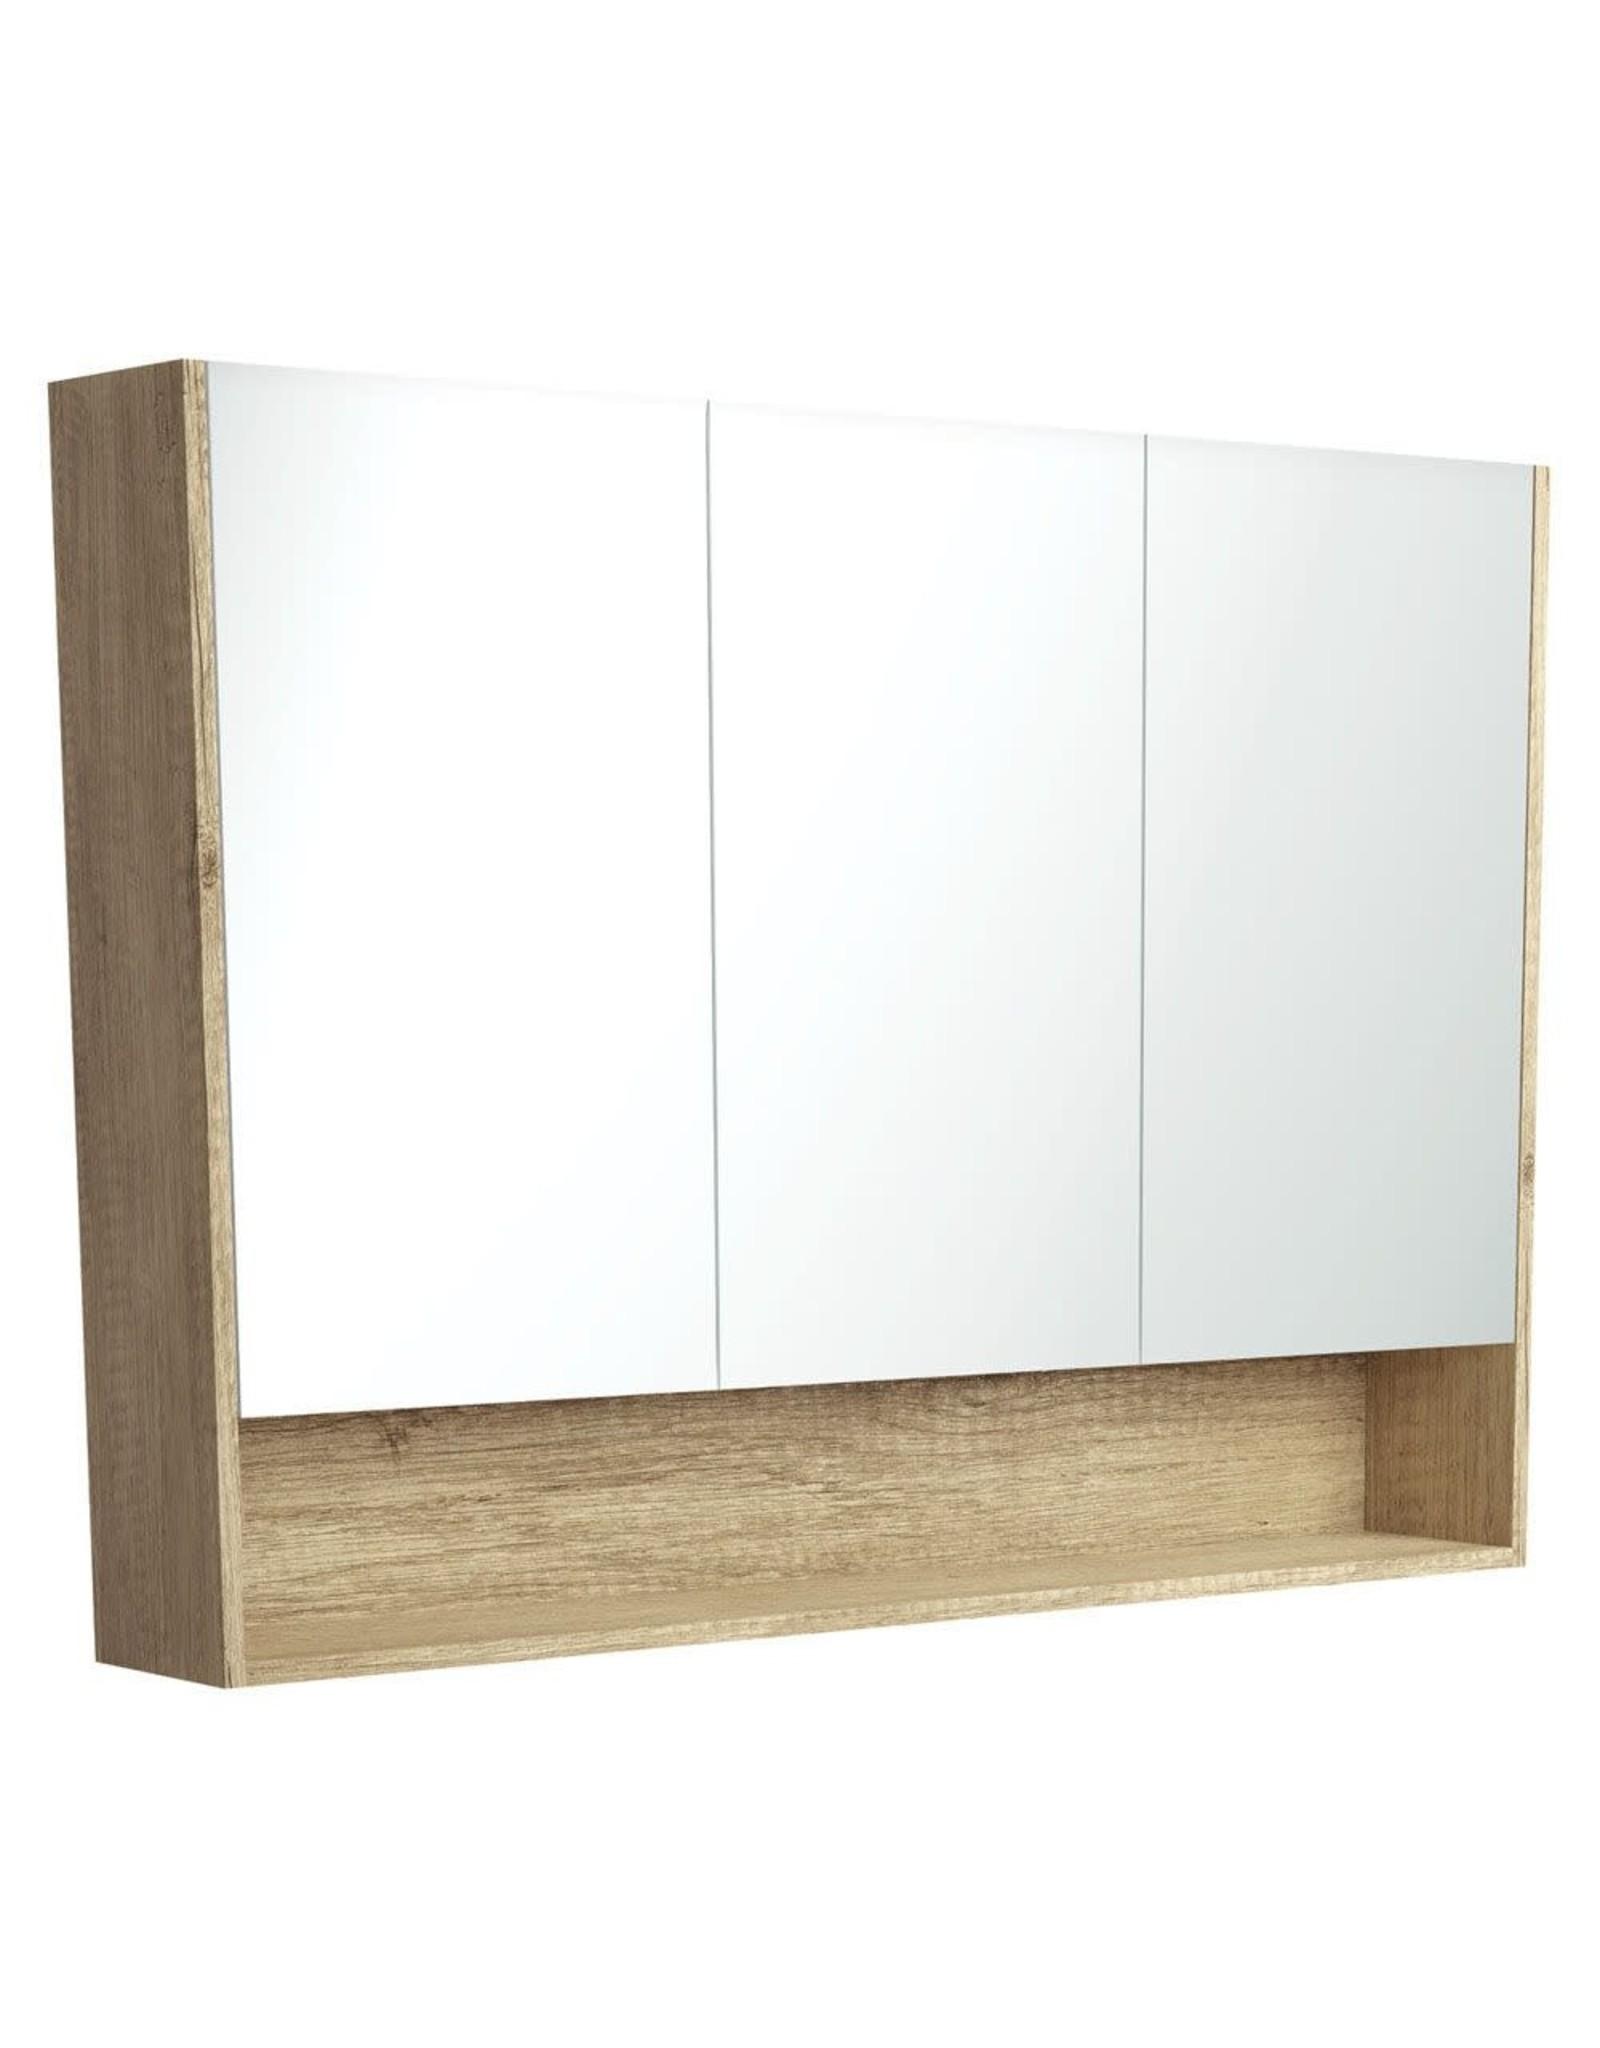 FIENZA 1200mm, FIENZA, Scandi Oak Undershelf Mirror Cabinet